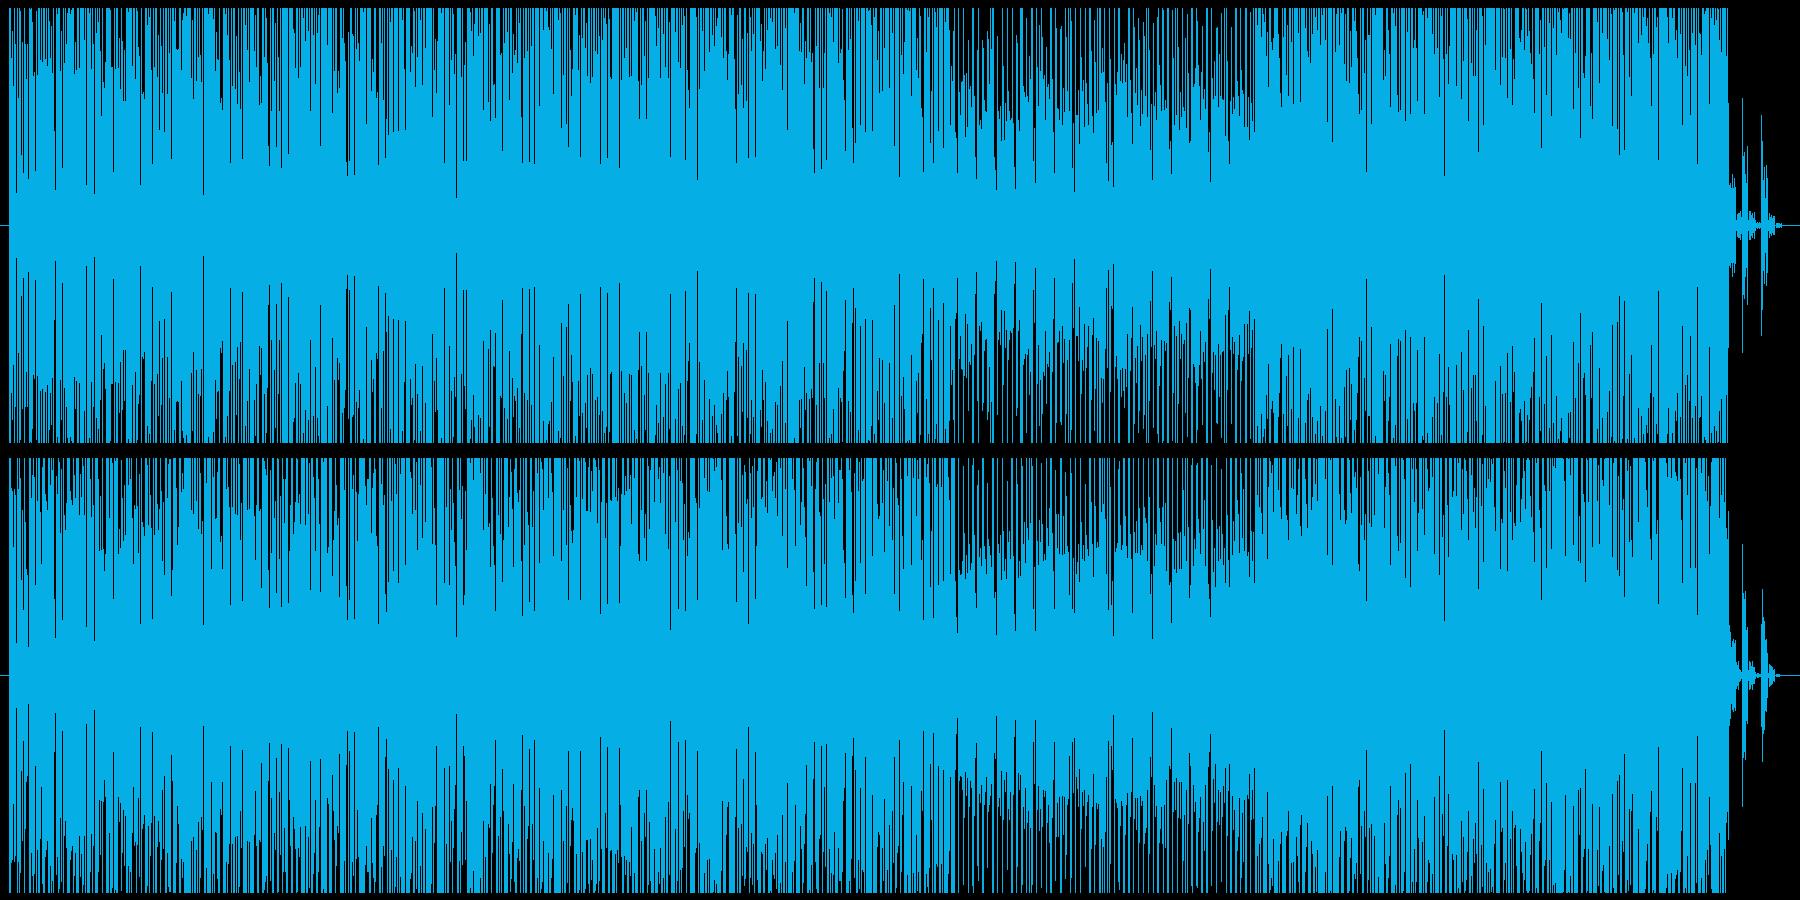 Accessの再生済みの波形